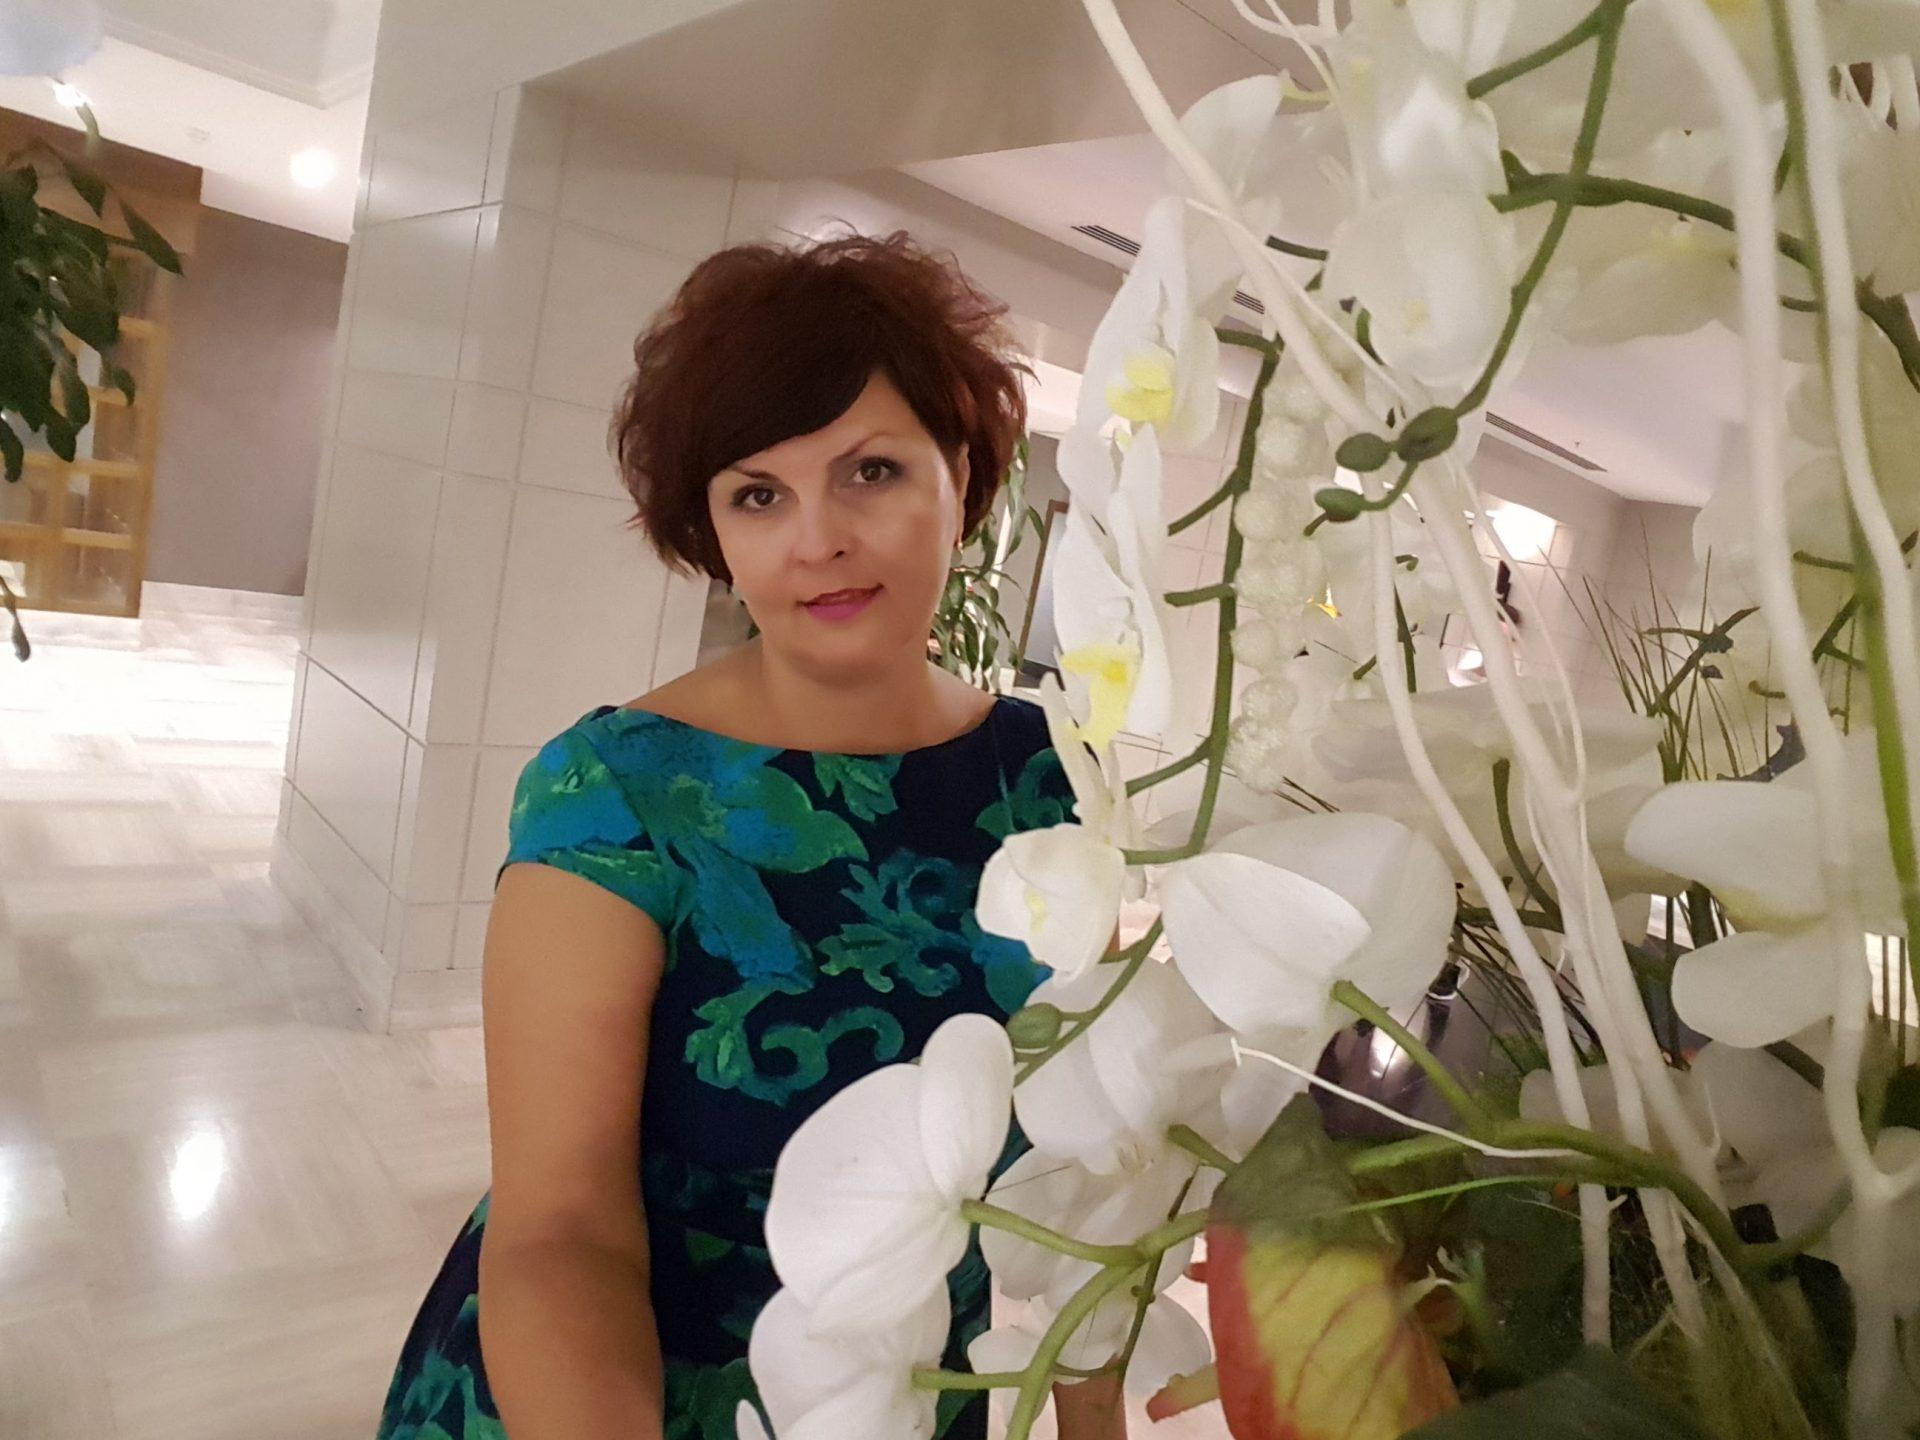 """Светлана Якубовска, член правления в дистрибьютерской компании """"Cosmetic Distribution"""" 2"""